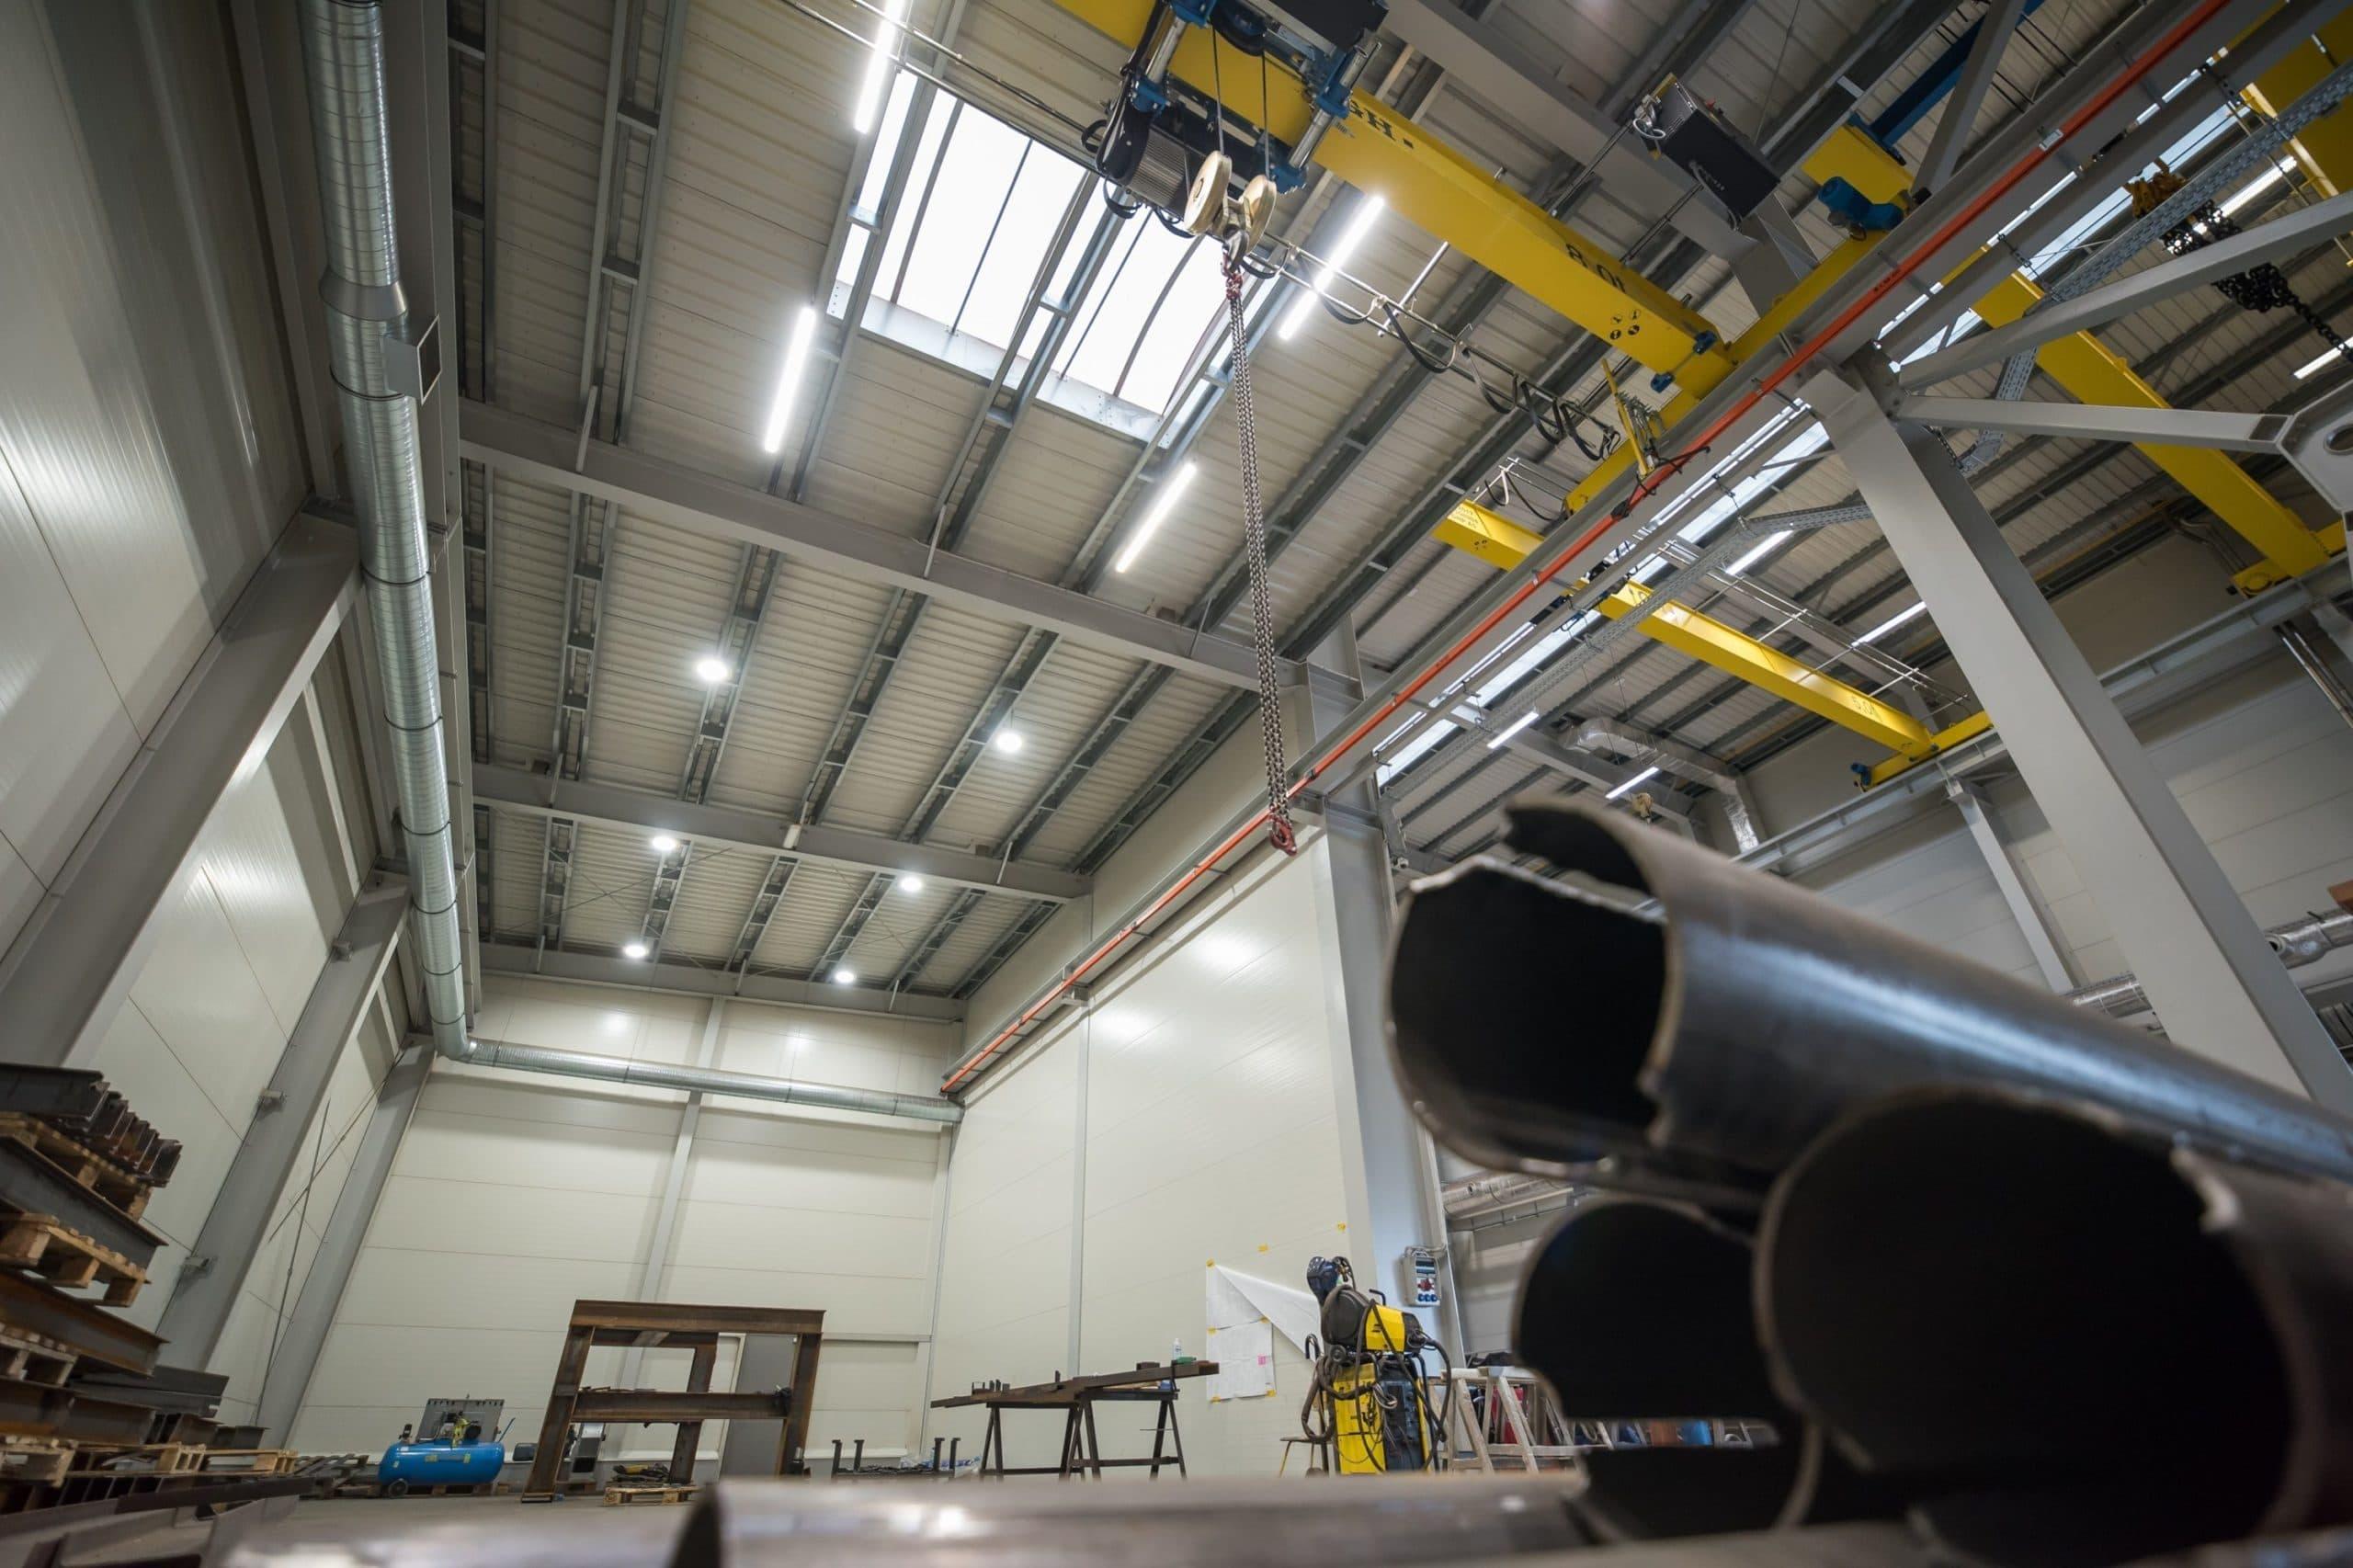 Oprawy Industrial i Highbay w hali produkcyjnej firmy Buttimer - Luxon LED